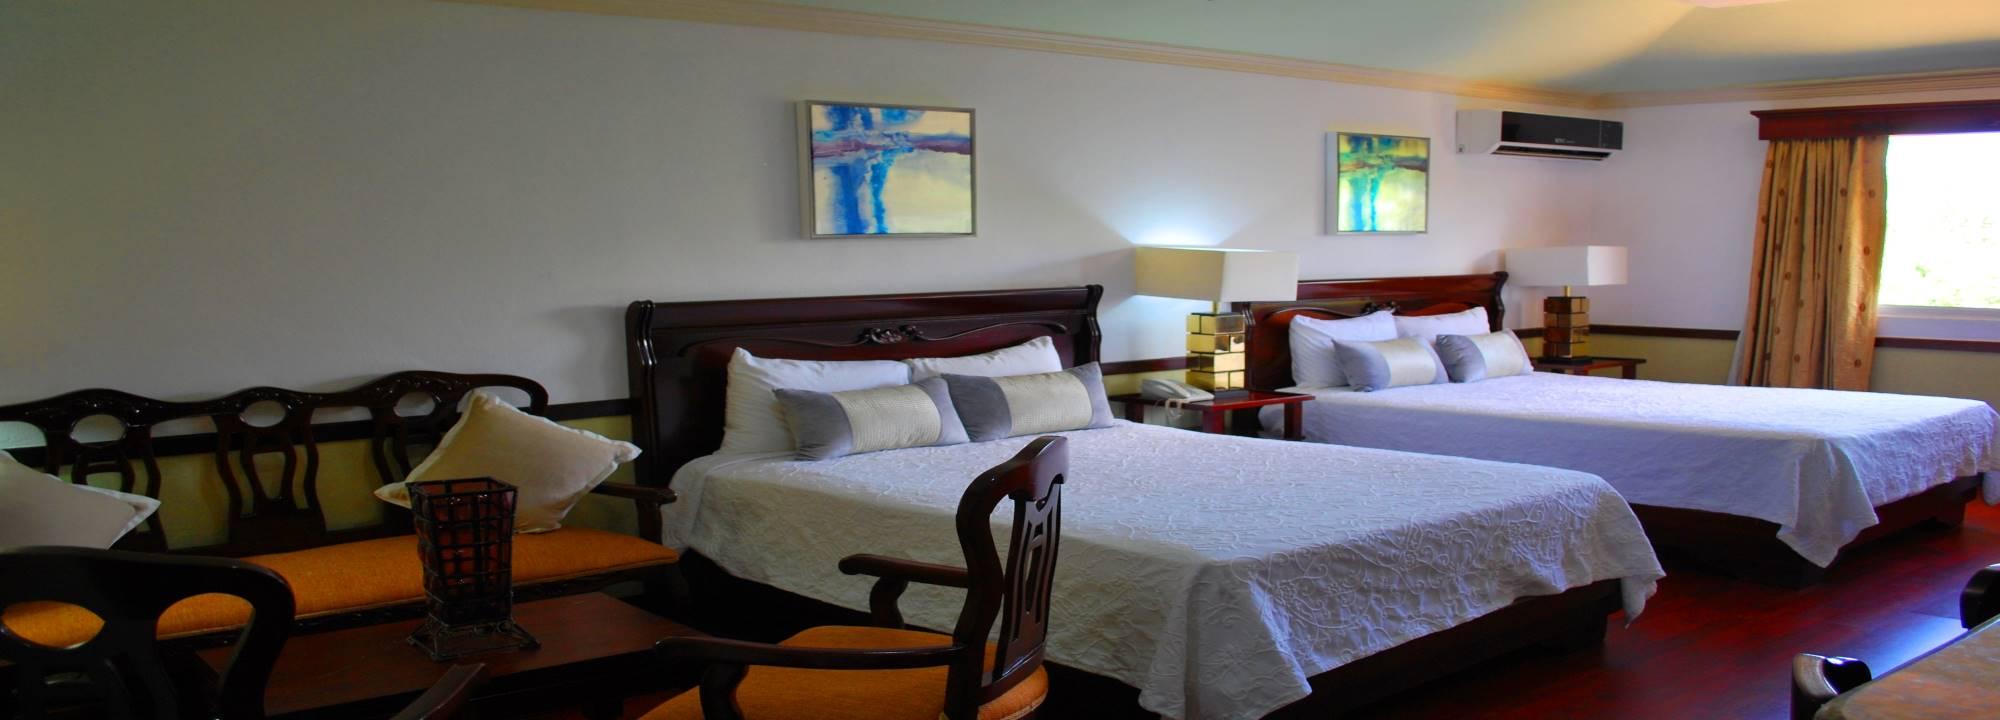 Junior Suite Deluxe located in Santiago, Dominican Republic